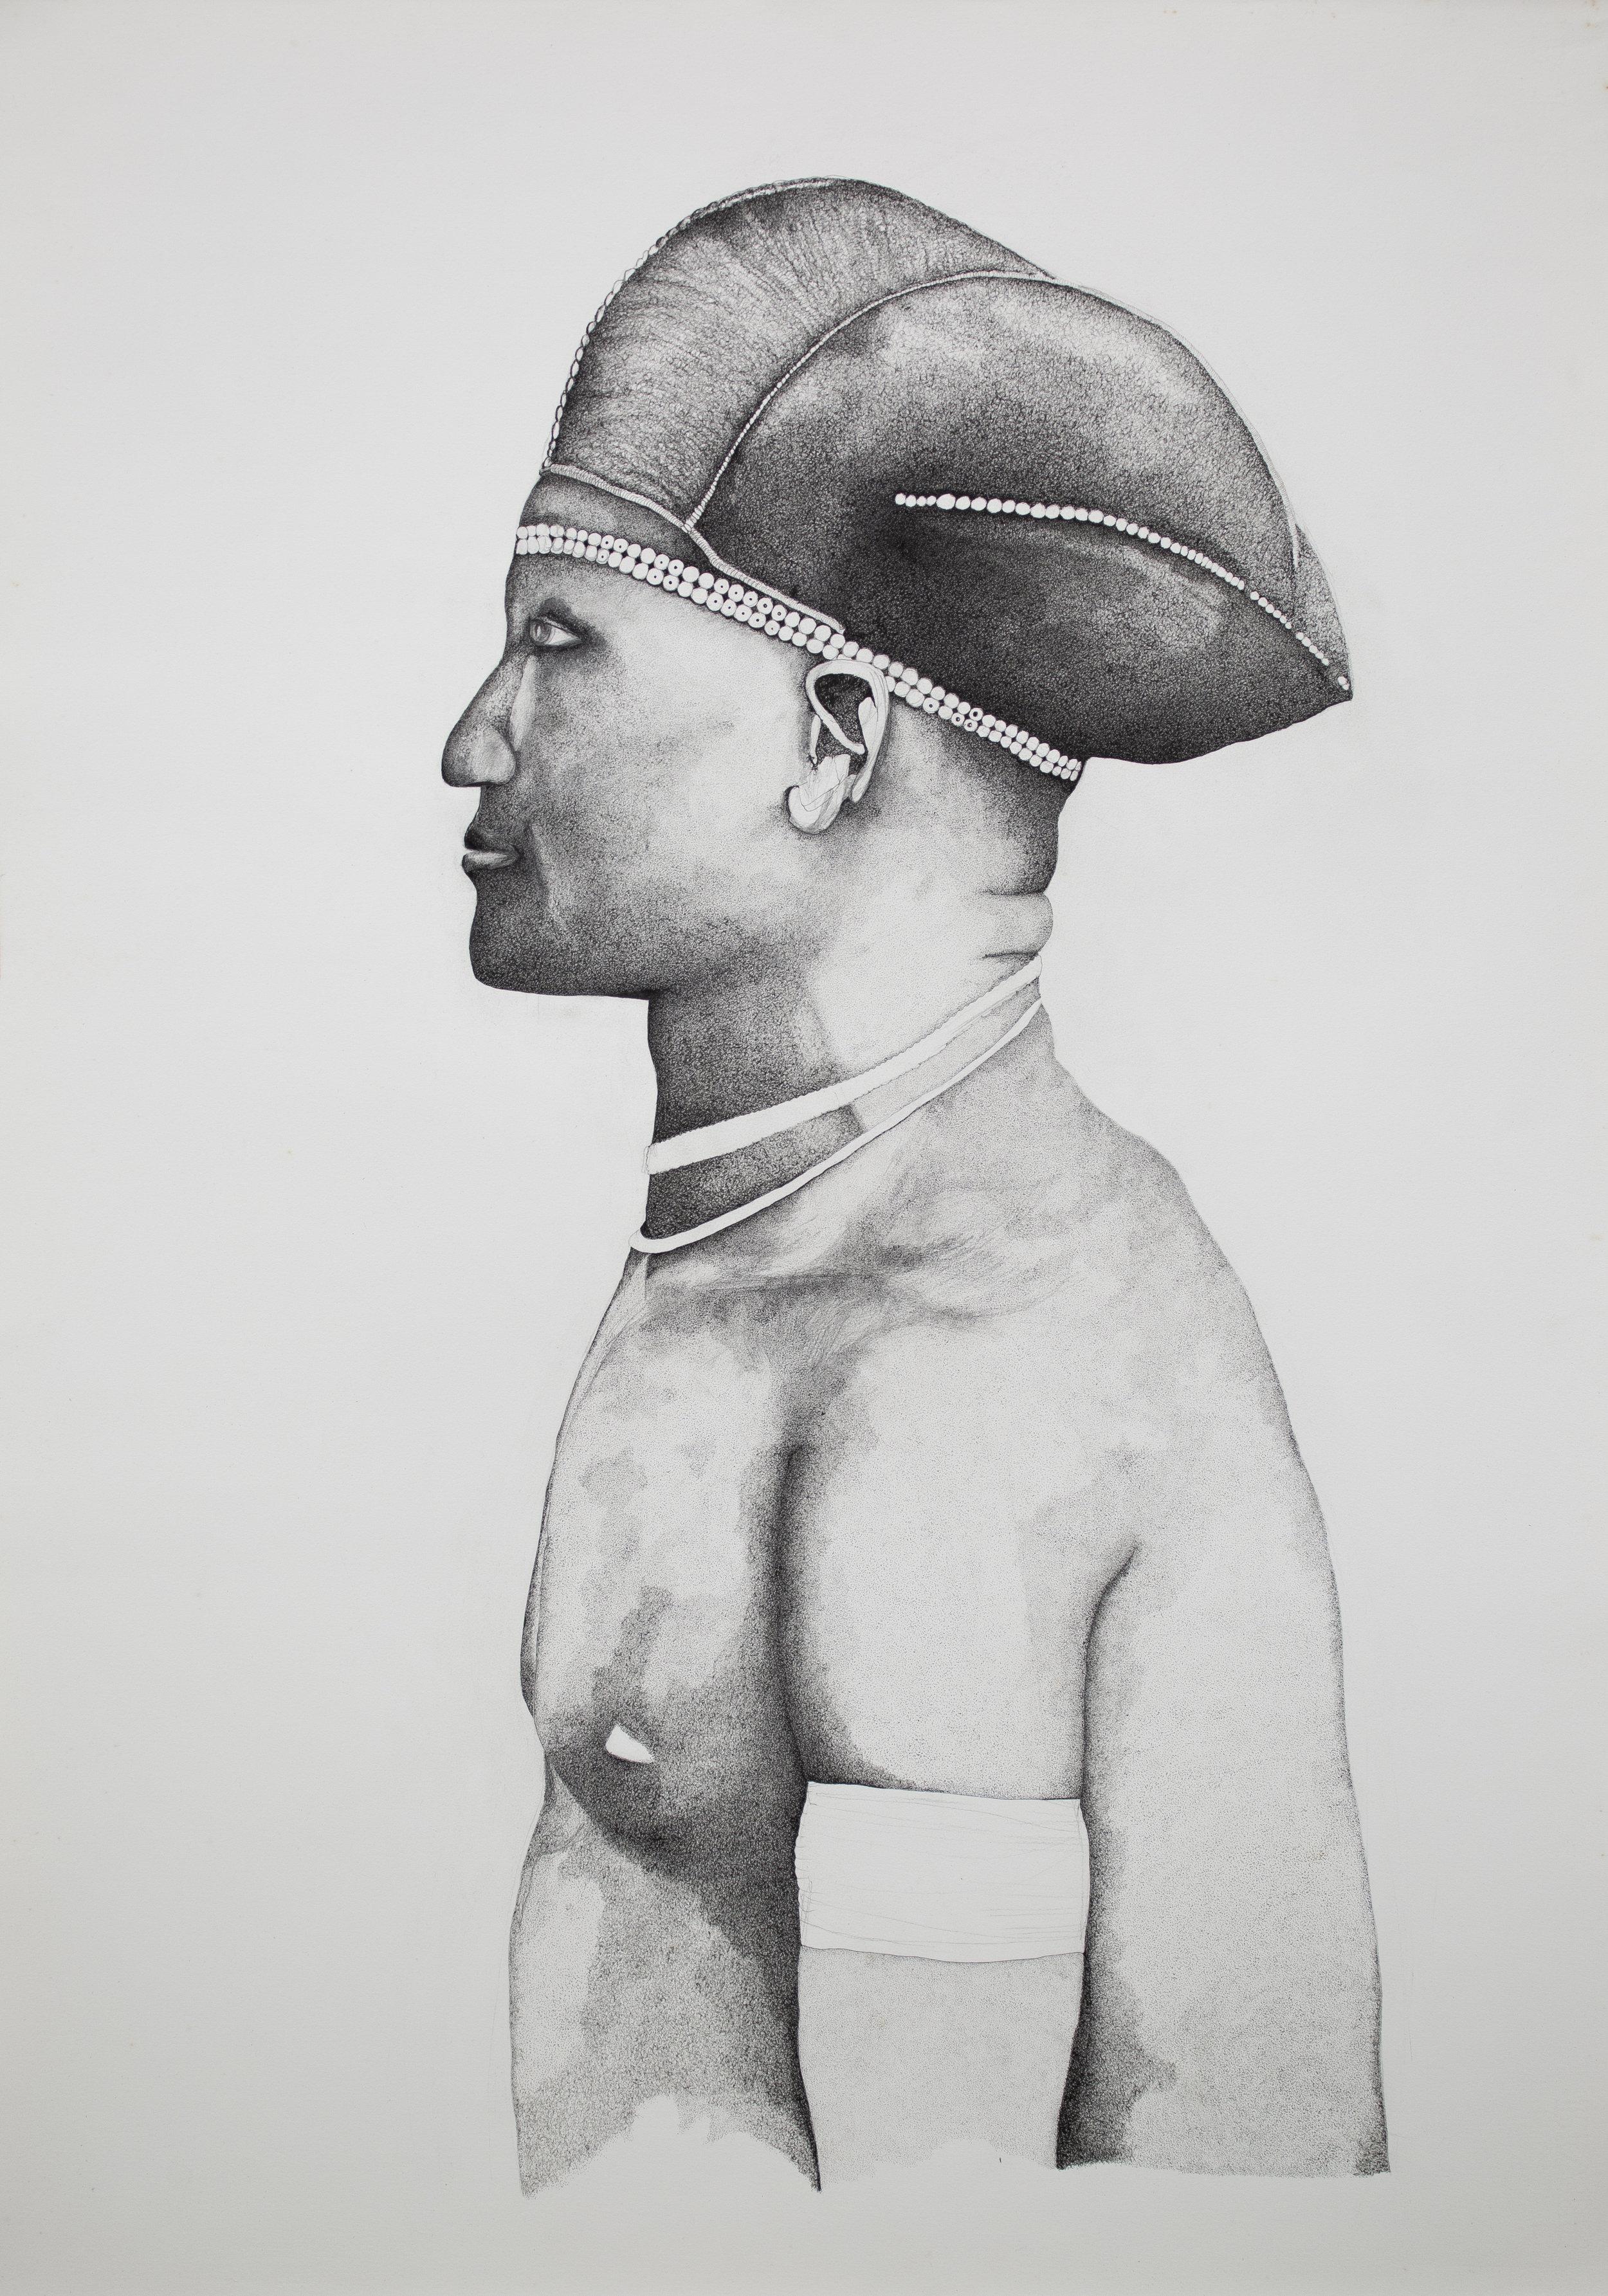 Portrait d'un Homme Gabonais, Fang du Haut-Ivindo,  2019